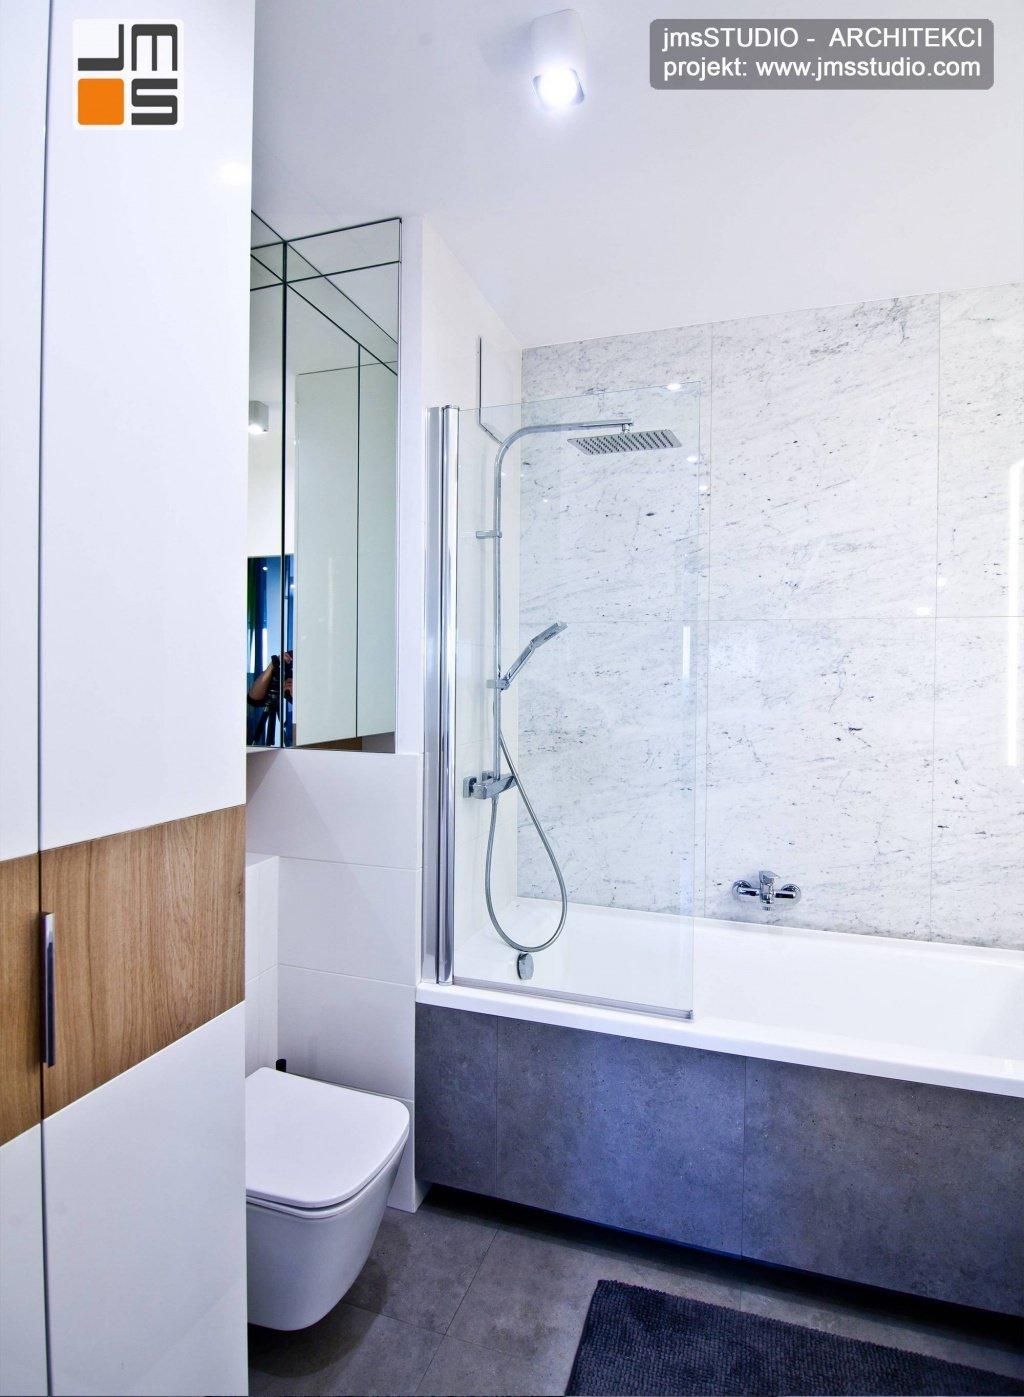 w łazience w bloku z ukrytą pralką w zabudowie zastosowano lustra i marmur